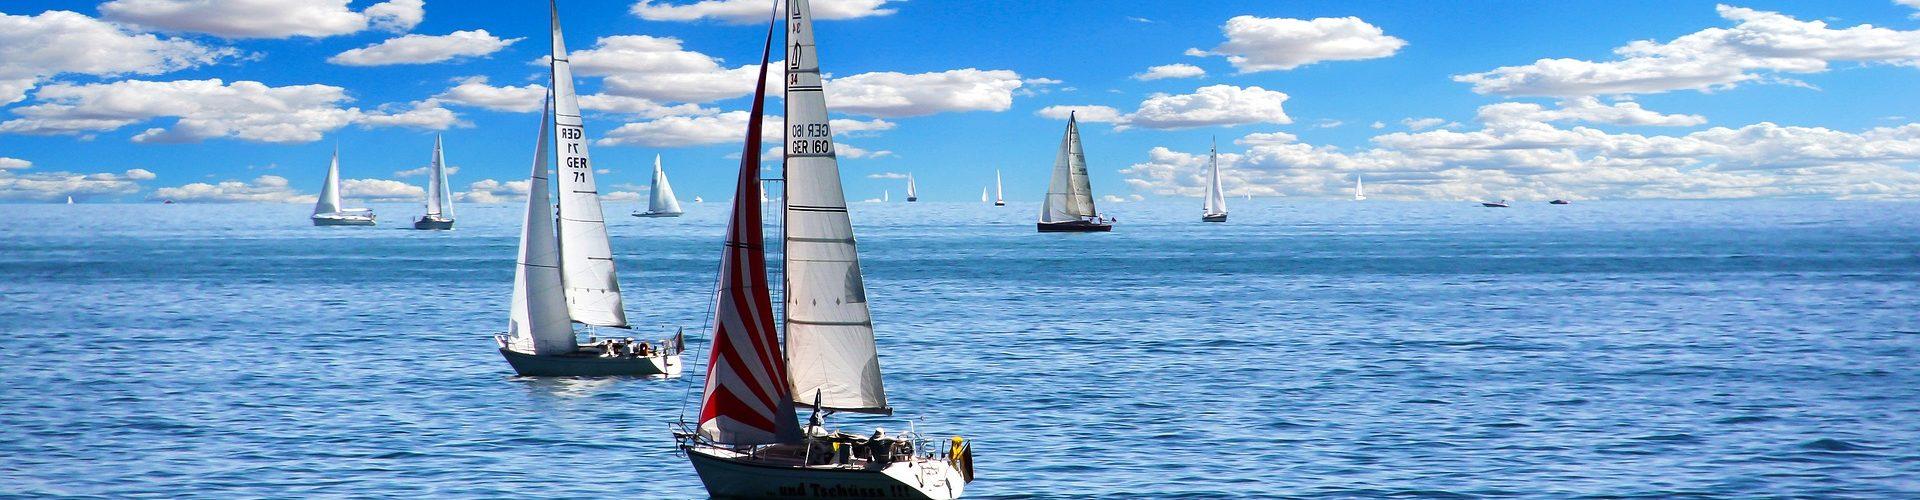 segeln lernen in Hüde segelschein machen in Hüde 1920x500 - Segeln lernen in Hüde